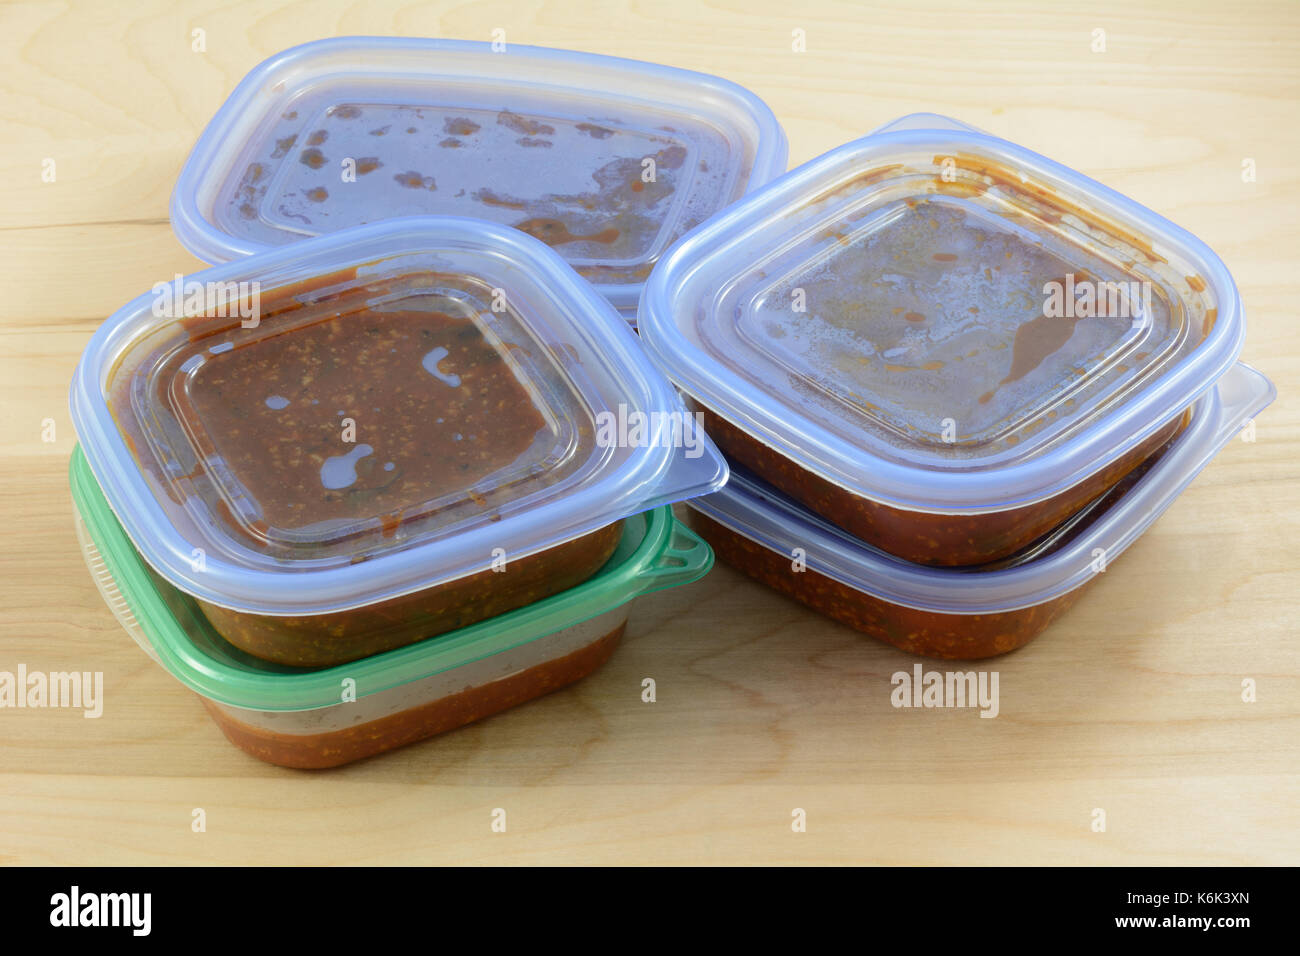 Lotto di tacchino cotto spaghetti sauce pit in contenitori di stoccaggio per il congelamento rapido per il futuro i pasti Immagini Stock